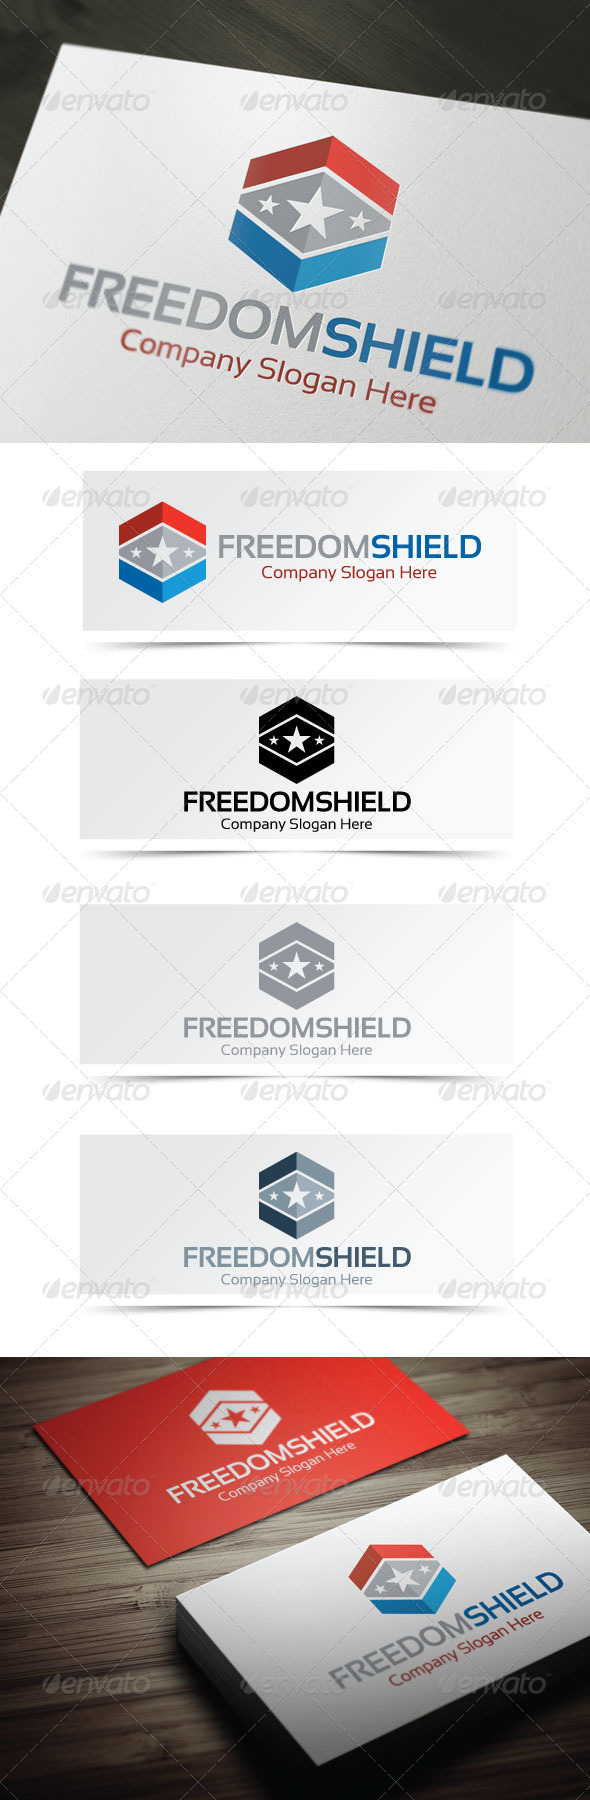 GraphicRiver Freedom Shield 4079769